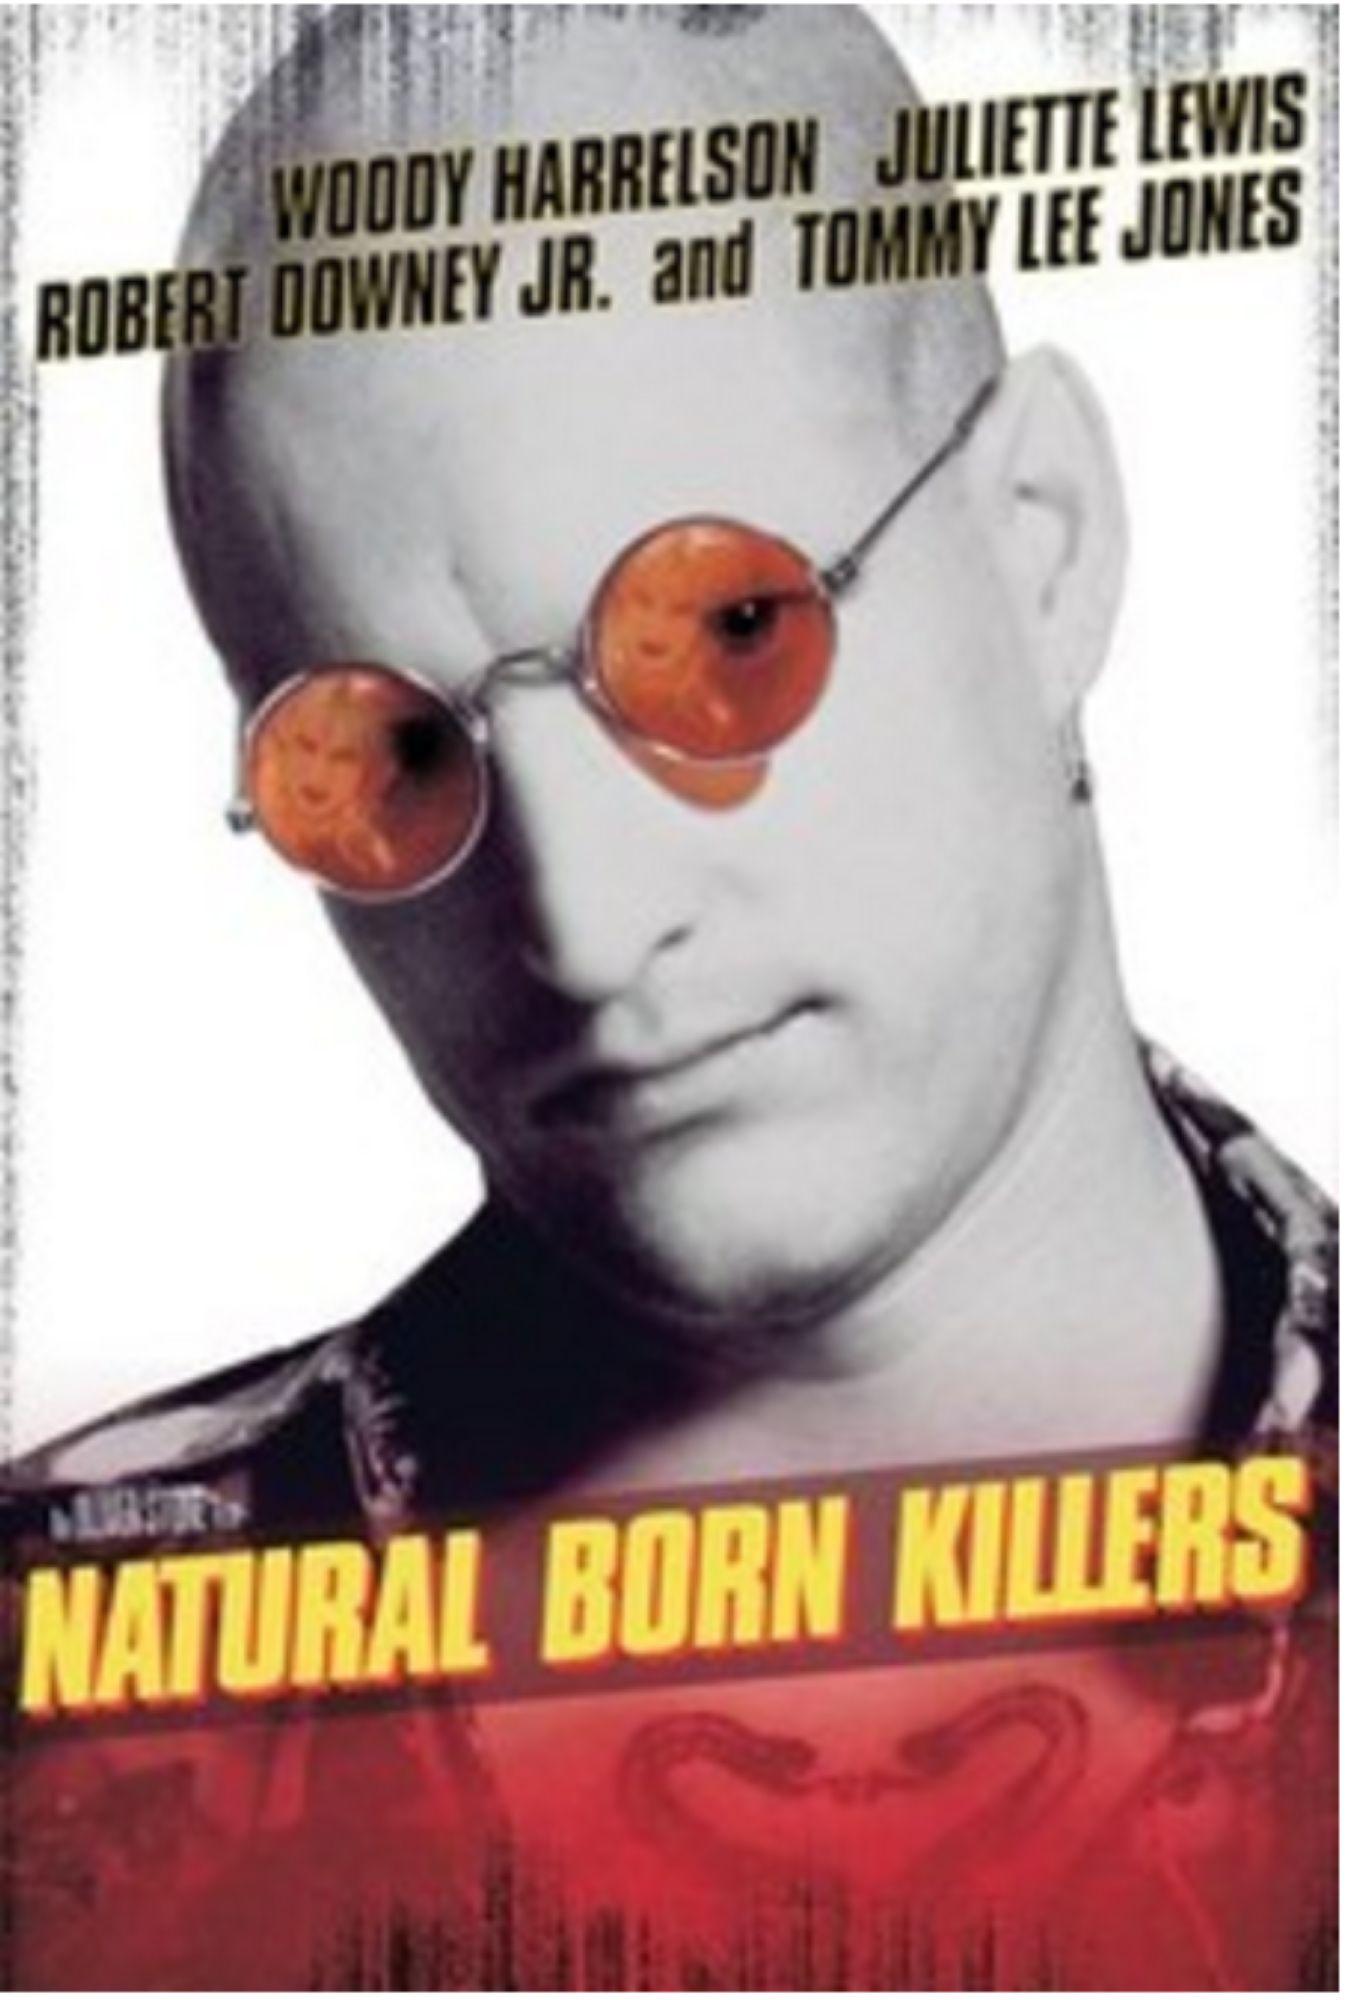 01-Natural-Born-Killers.jpg